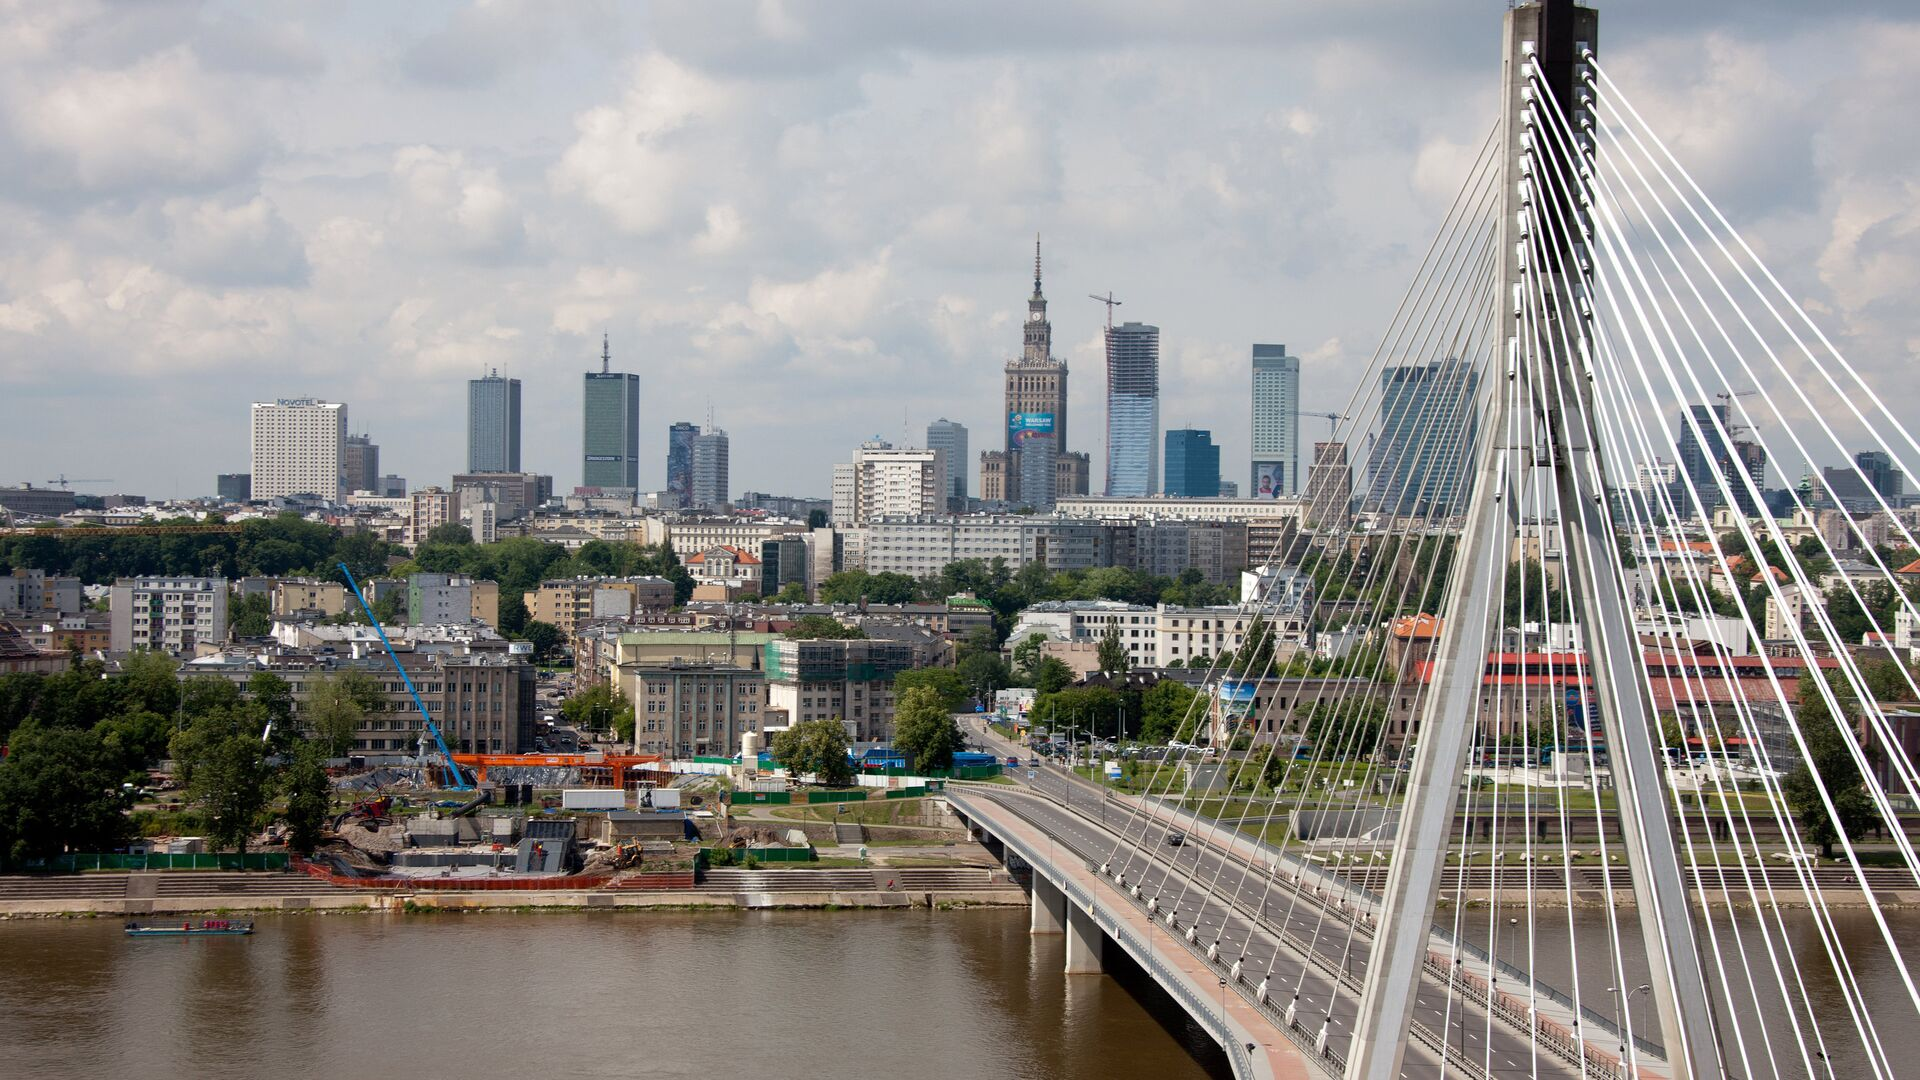 Вид на Свентокшиский мост через реку Висла в Варшаве - РИА Новости, 1920, 10.06.2021